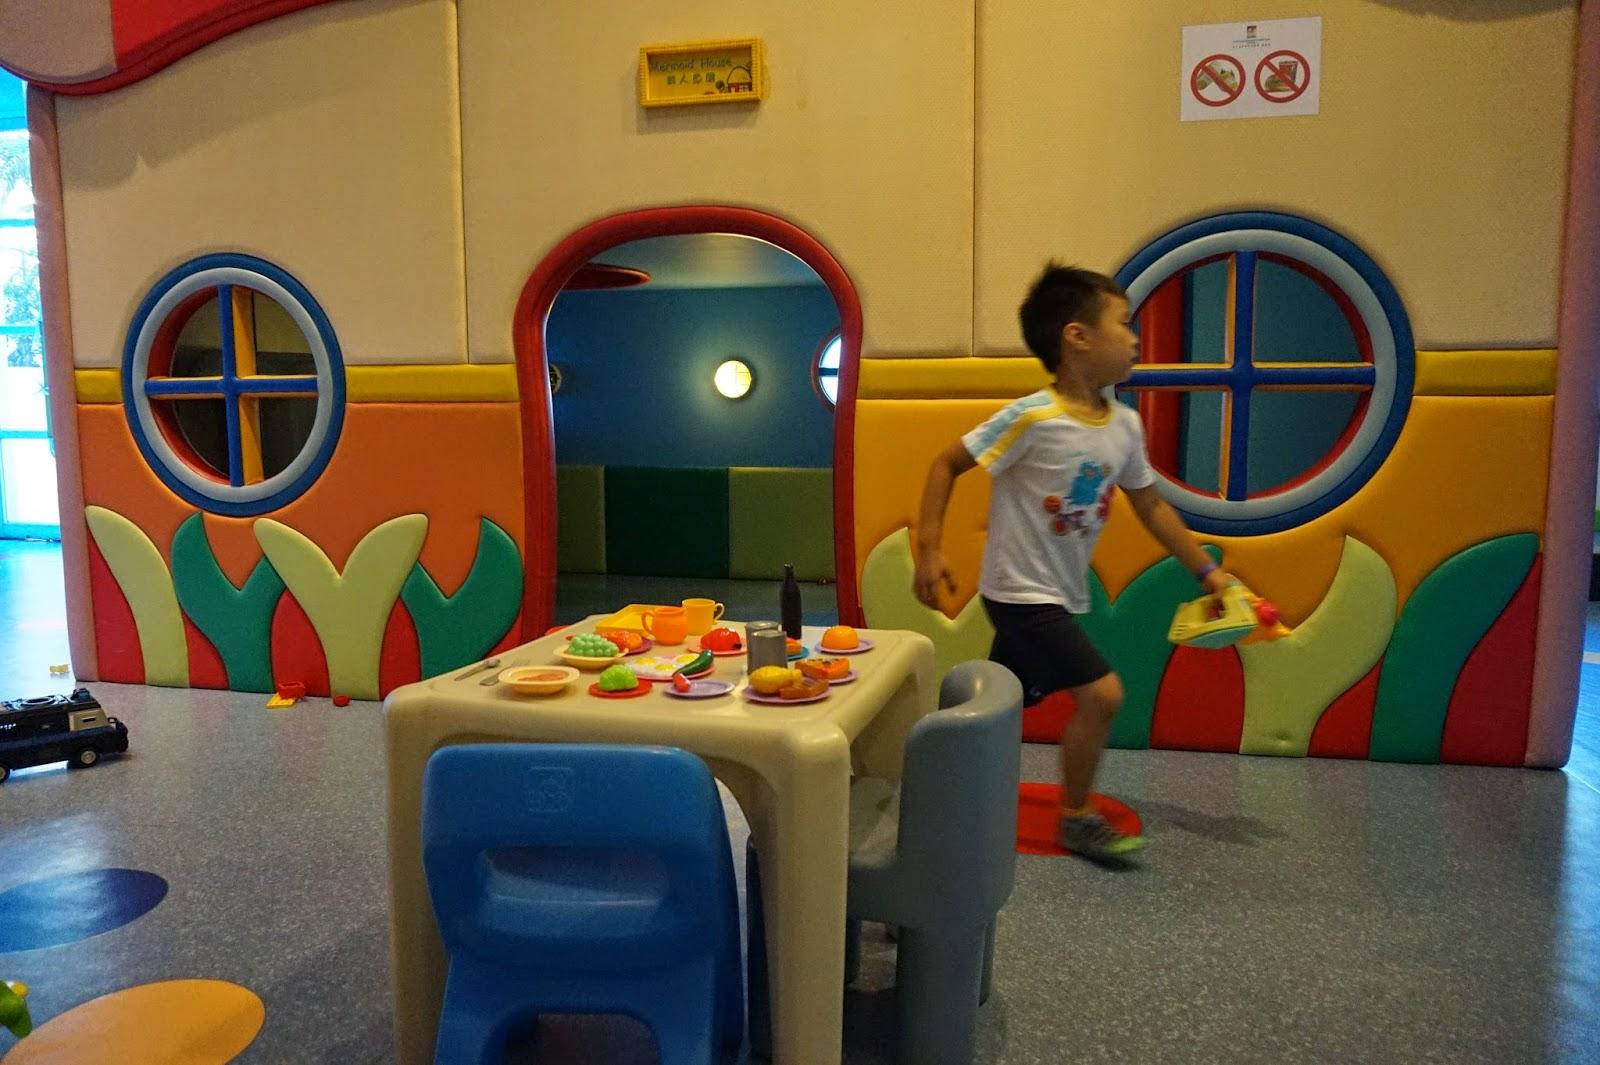 一家貓頭鷹: 再訪黃金海岸遊艇會兒童遊戲室